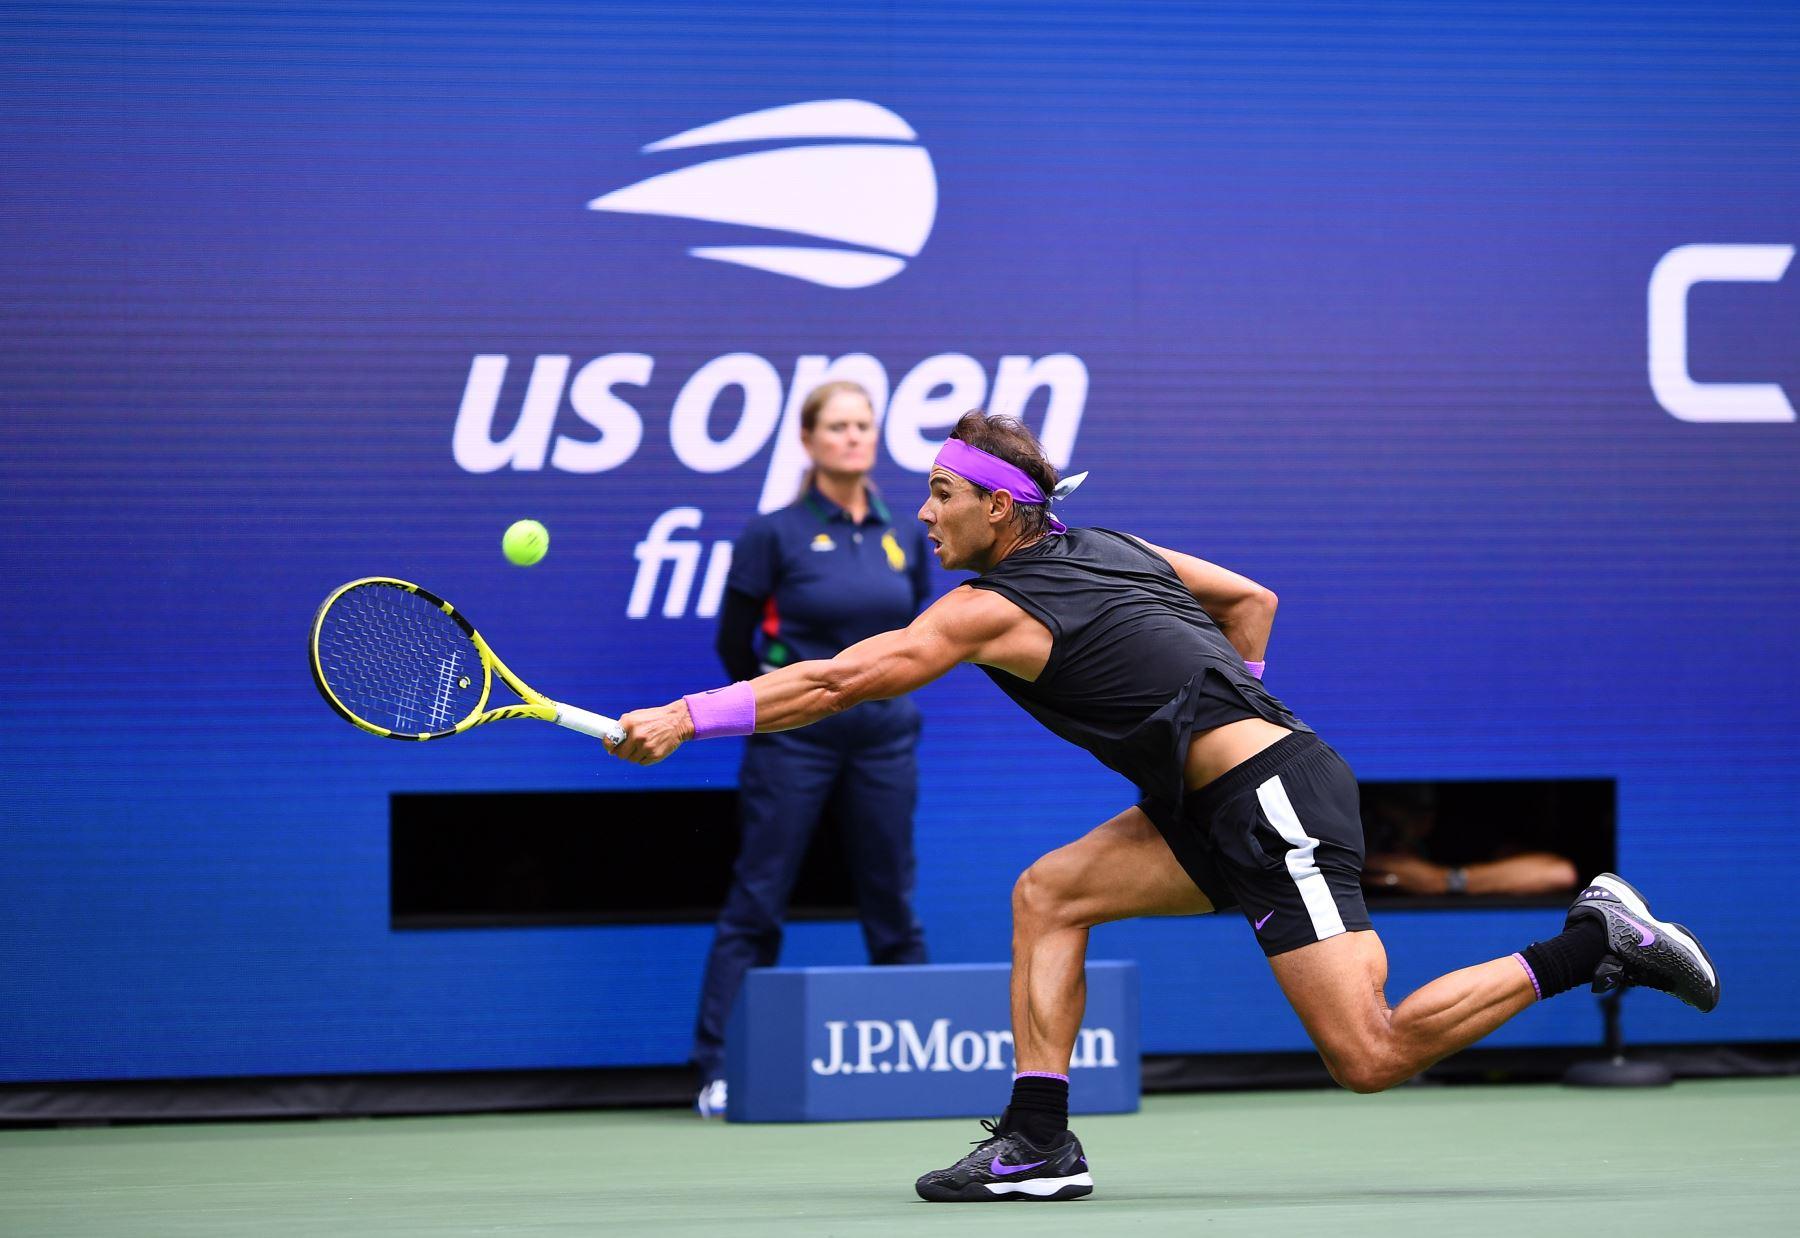 Rafael Nadal, de España, regresa a Daniil Medvedev de Rusia durante su partido de la final individual masculina en el US Open 2019 en el USTA Billie Jean King National Tennis Center en Nueva York. Foto: AFP